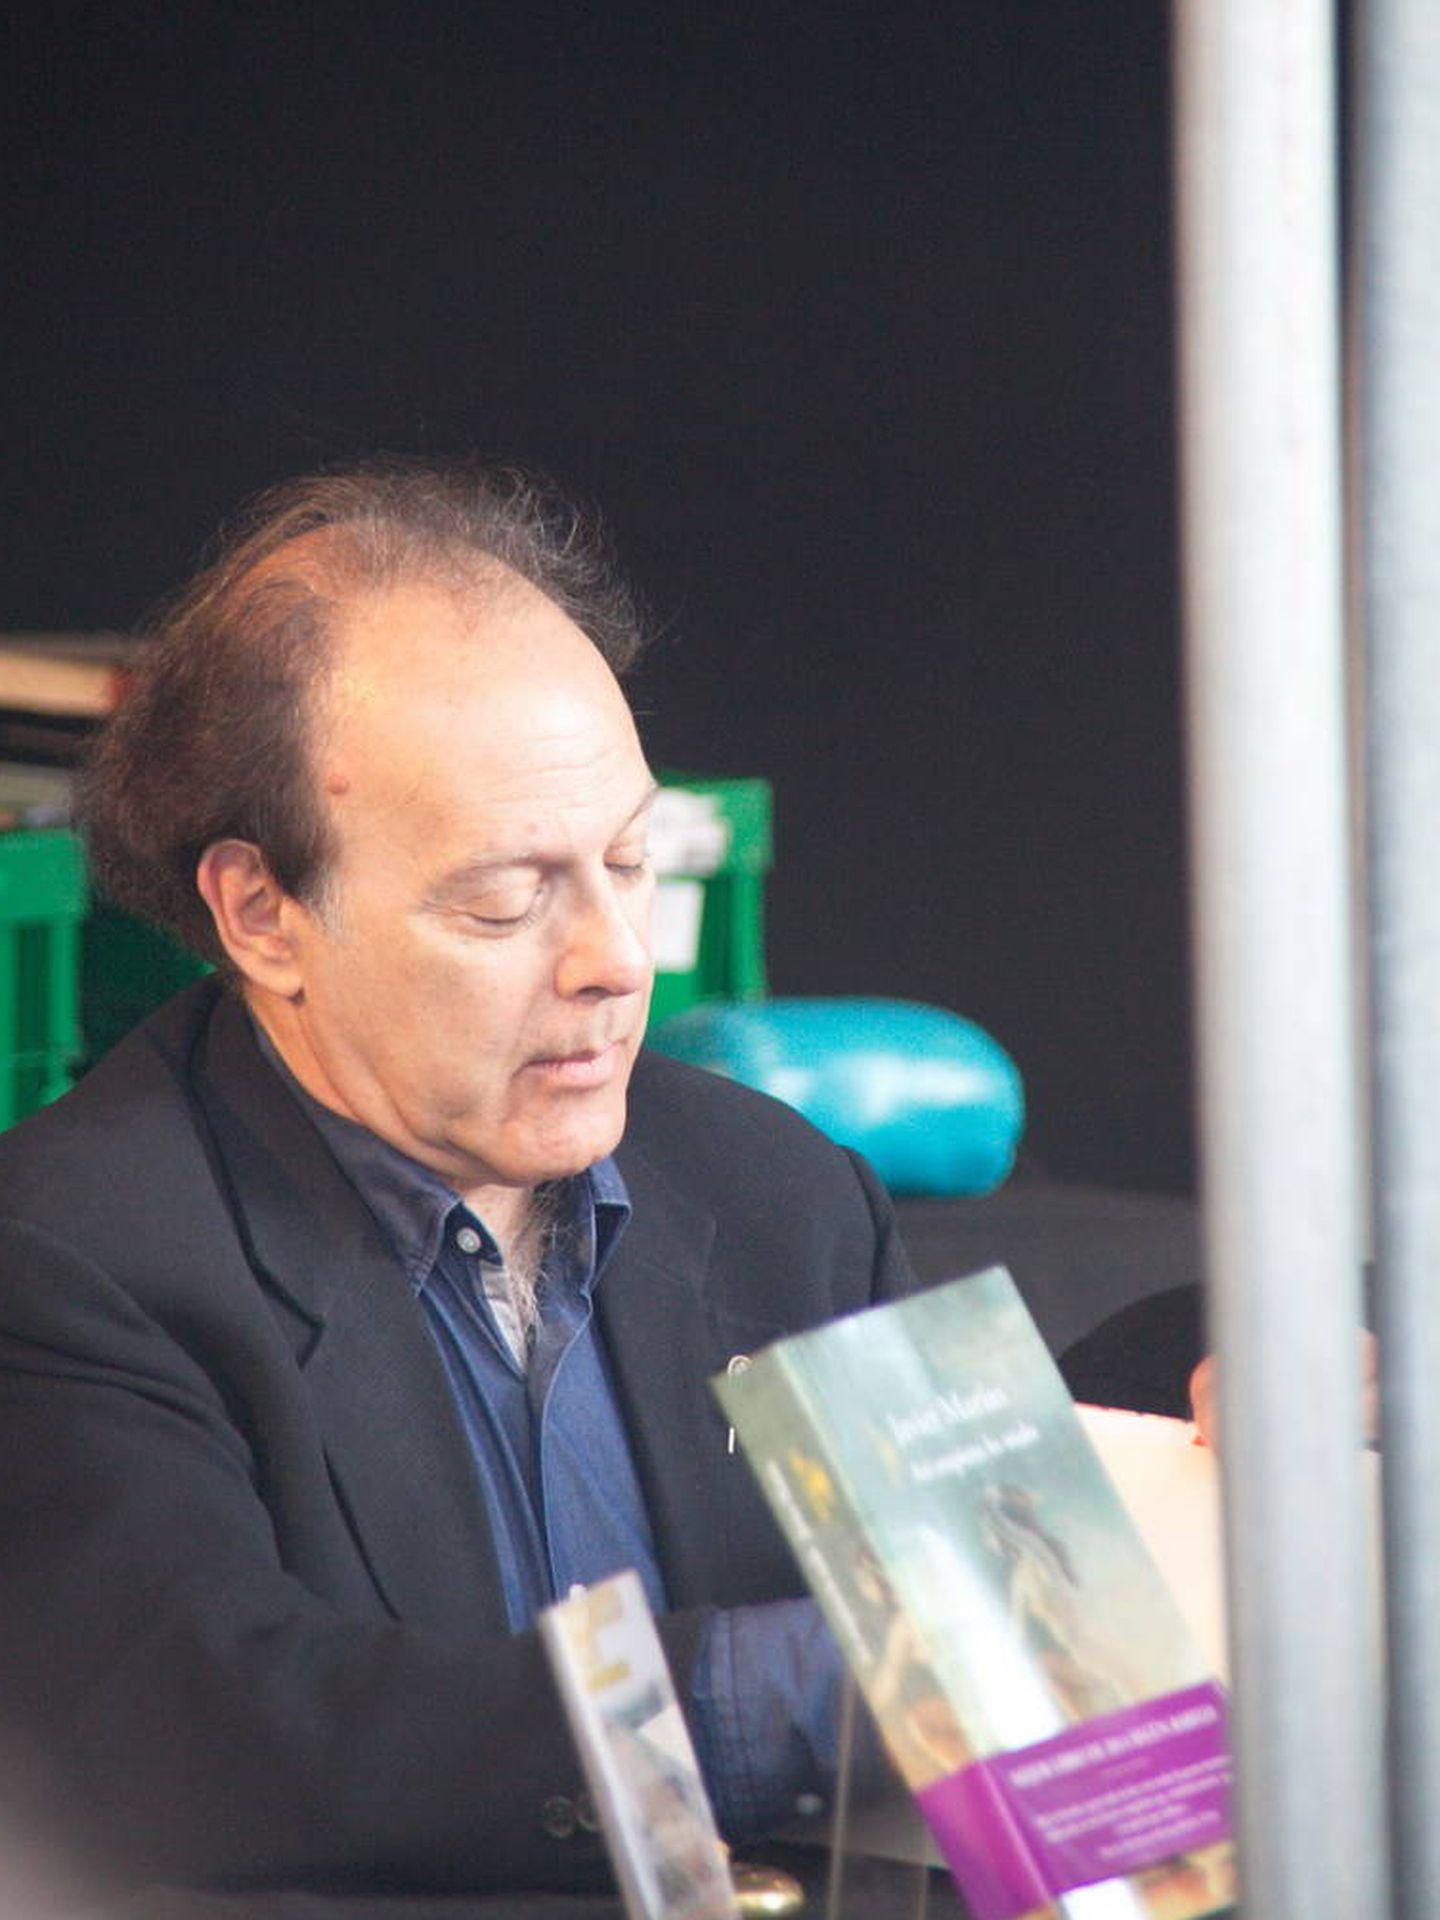 El escritor Javier Marías. (Wikimedia Commons)